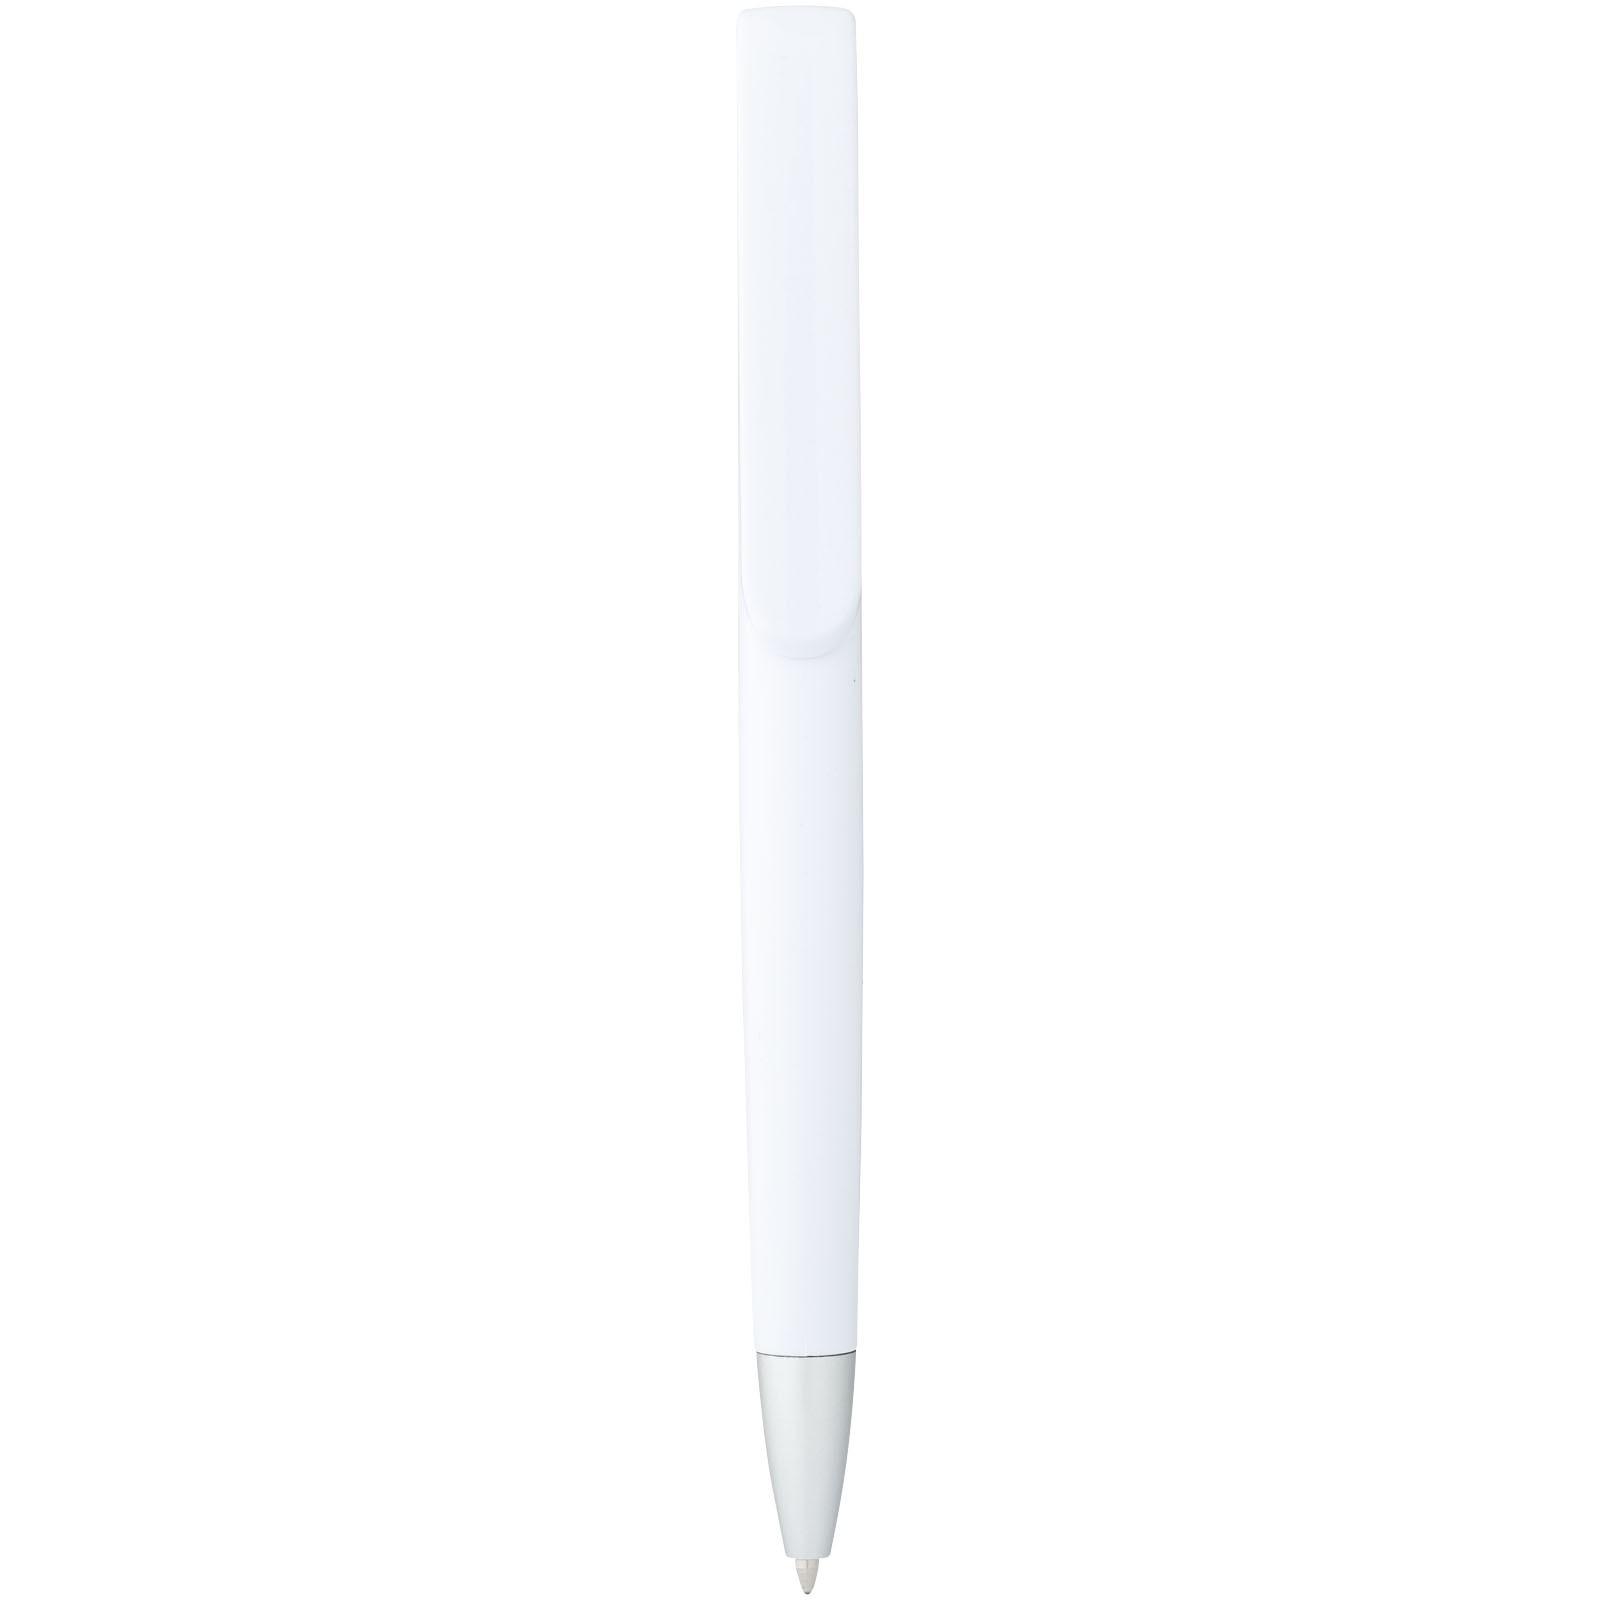 Długopis Rio - Biały / Pomarańczowy